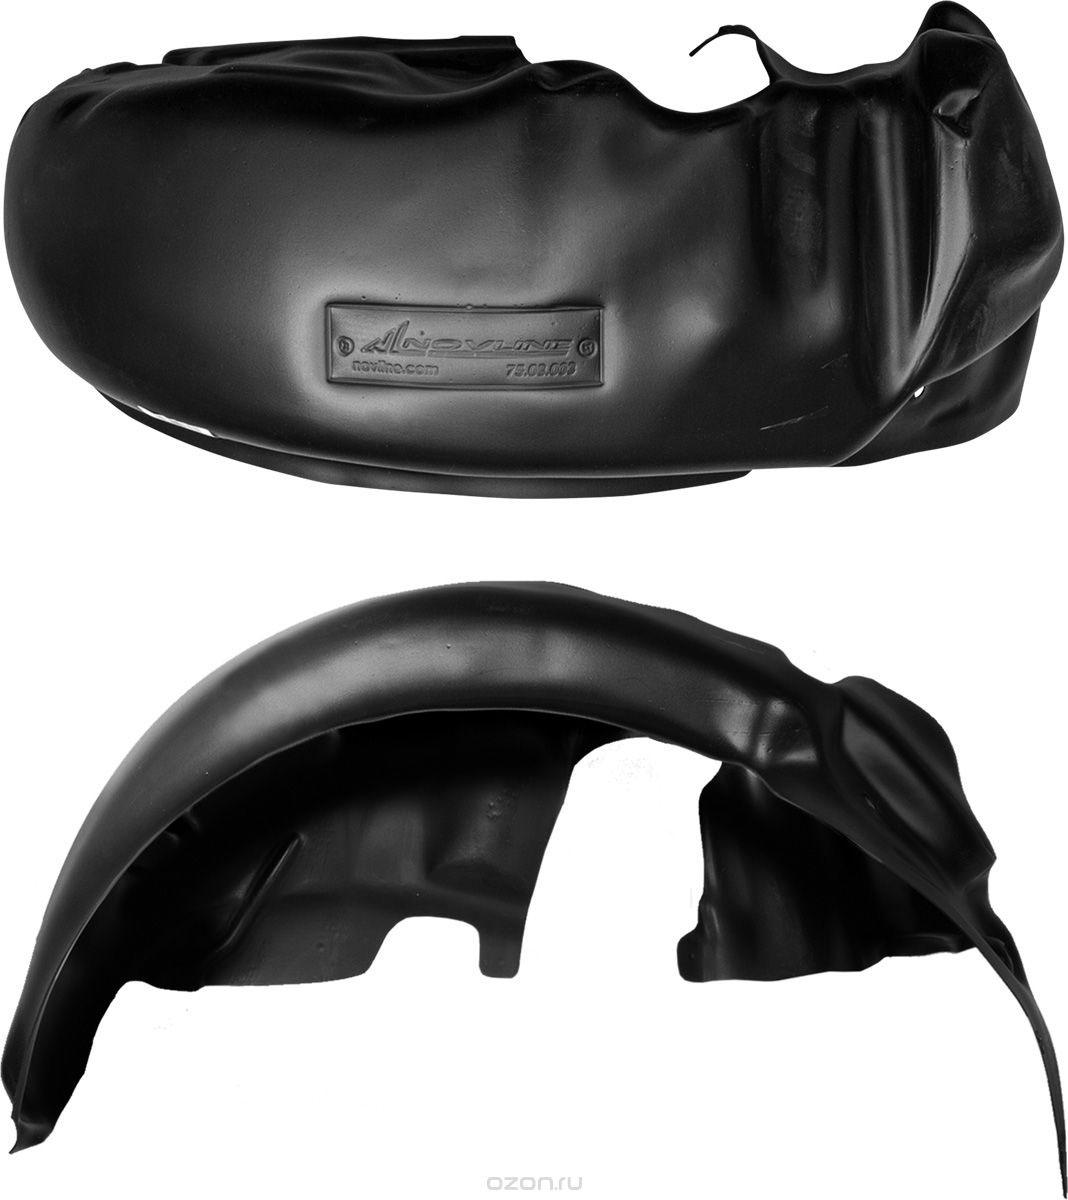 Подкрылок Novline-Autofamily, для ВАЗ 2110 1995-2007, задний левый000513Идеальная защита колесной ниши. Локеры разработаны с применением цифровых технологий, гарантируют максимальную повторяемость поверхности арки. Изделия устанавливаются без нарушения лакокрасочного покрытия автомобиля, каждый подкрылок комплектуется крепежом. Уважаемые клиенты, обращаем ваше внимание, что фотографии на подкрылки универсальные и не отражают реальную форму изделия. При этом само изделие идет точно под размер указанного автомобиля.